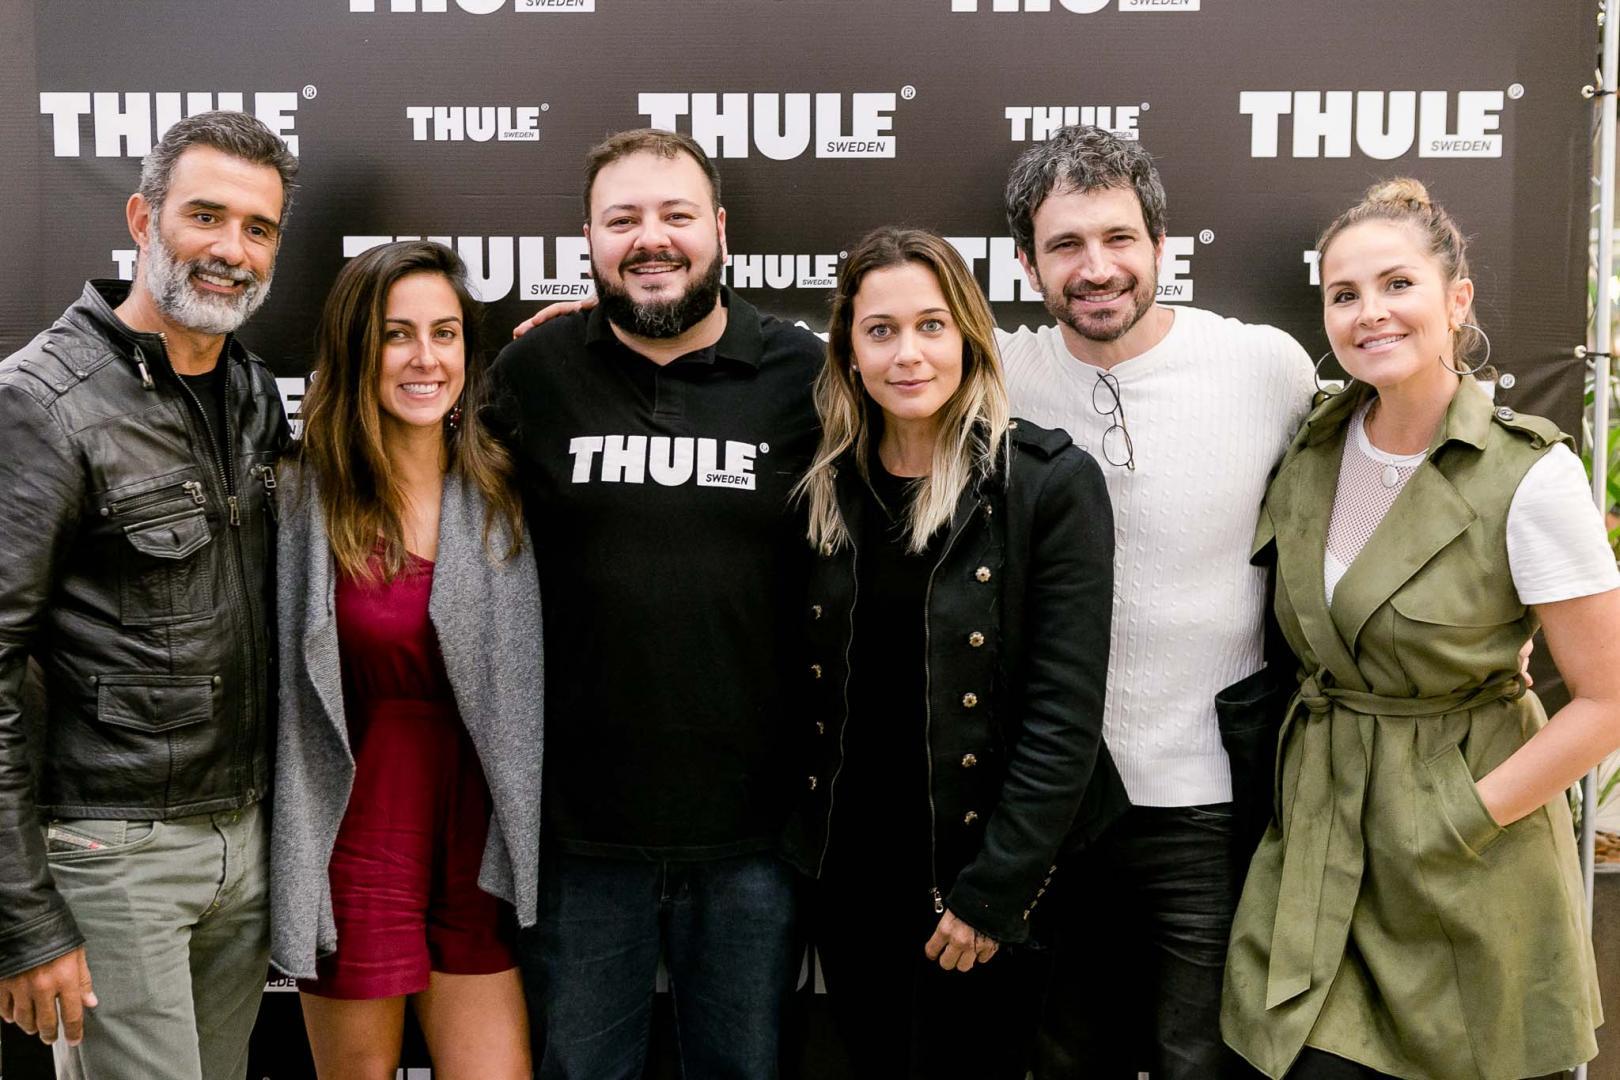 Coquetel celebra chegada da Thule Store ao Rio de Janeiro